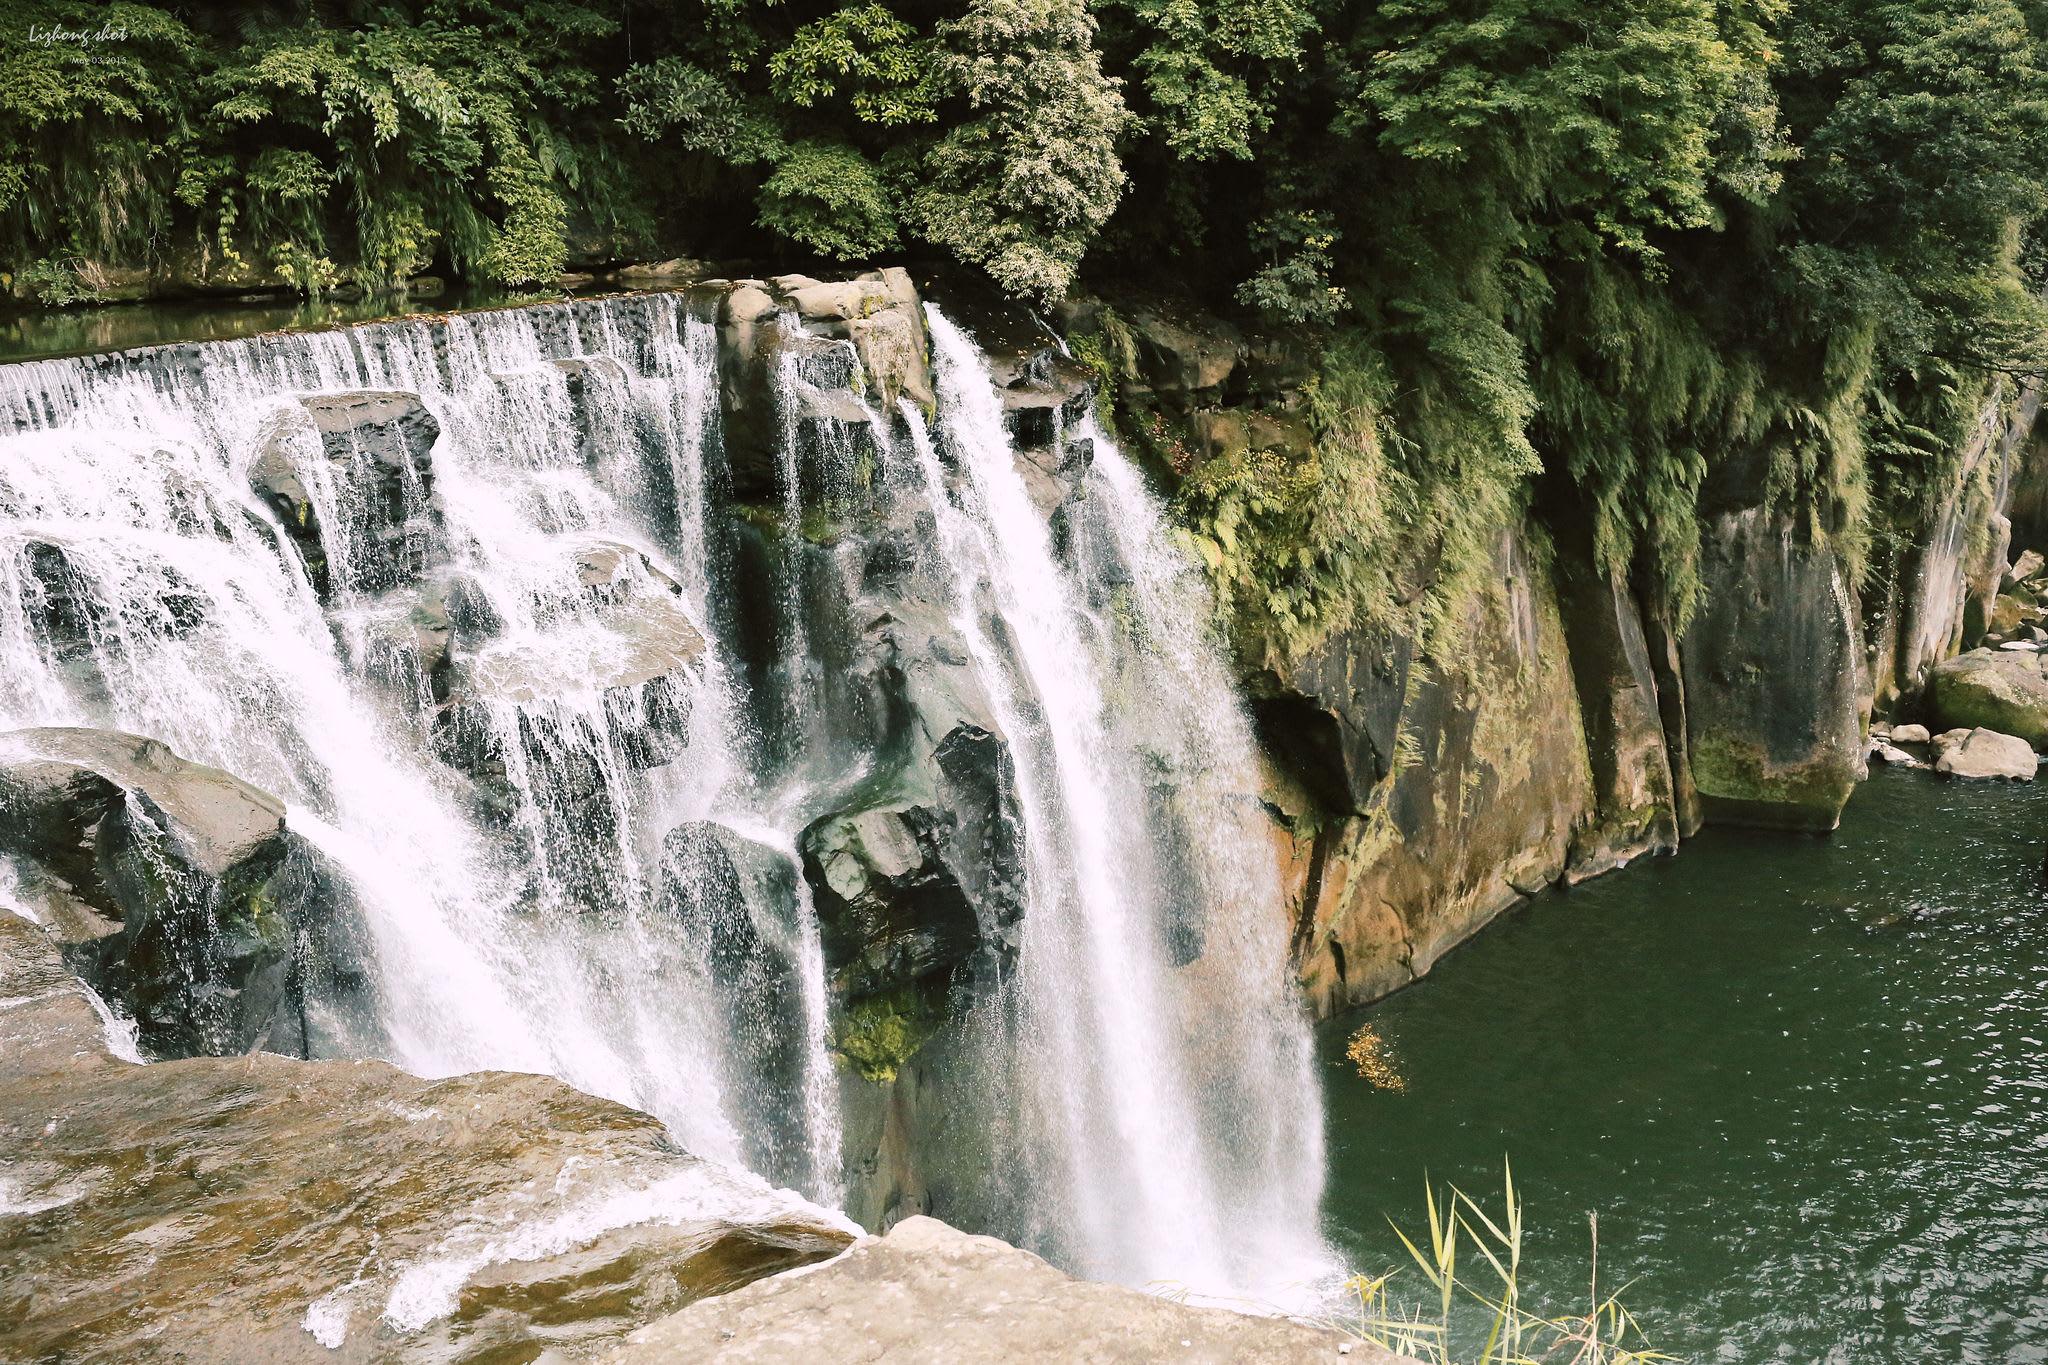 氣勢磅礡的望谷瀑布。(Flickr授權作者-lizhong)